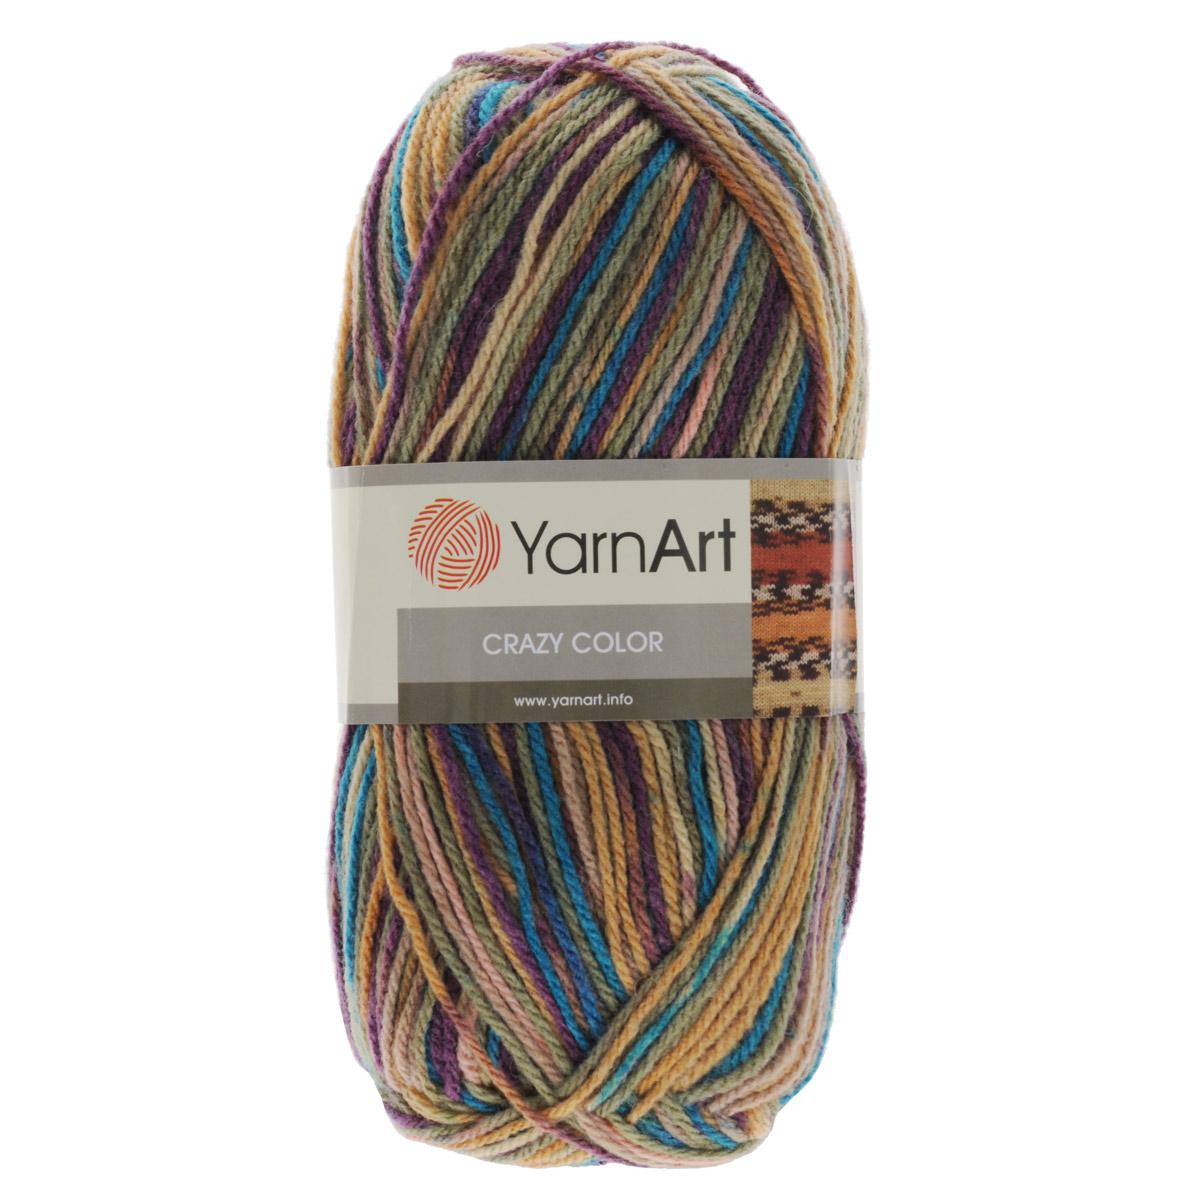 Пряжа для вязания YarnArt Crazy Color, цвет: фиолетовый, бежевый, зеленый (151), 260 м, 100 г, 5 шт372036_151Пряжа для вязания YarnArt Crazy Color изготовлена из шерсти и акрила. Эта полушерстяная классическая пряжа фантазийной окраски подходит для ручного вязания. Нить мягкая, плотной скрутки, послушная, не расслаивается, не тянется, легко распускается и не деформируется. Пряжа очень мягкая, приятная на ощупь и вяжется быстро. Ниточка очень экономная, не скатывается. В результате получаются очень оригинальные и забавные рисунки. Может с успехом применяться для вязания детской одежды, кардиганов, пуловеров и пр. Пряжа YarnArt Crazy Color - секционной окраски отлично смотрится и в простой вязке и при выполнении сложных узоров. Пряжа окрашена стойкими качественными красителями, не линяет. Рекомендуются спицы и крючок 3,5 мм. Состав: 25% шерсть, 75% акрил.